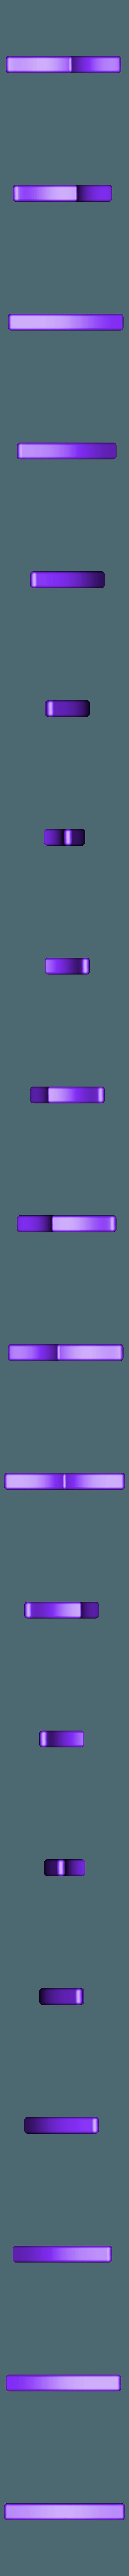 Book Thumb Holder.stl Télécharger fichier STL gratuit Porte-pouce de livre • Objet imprimable en 3D, MinMunchKin